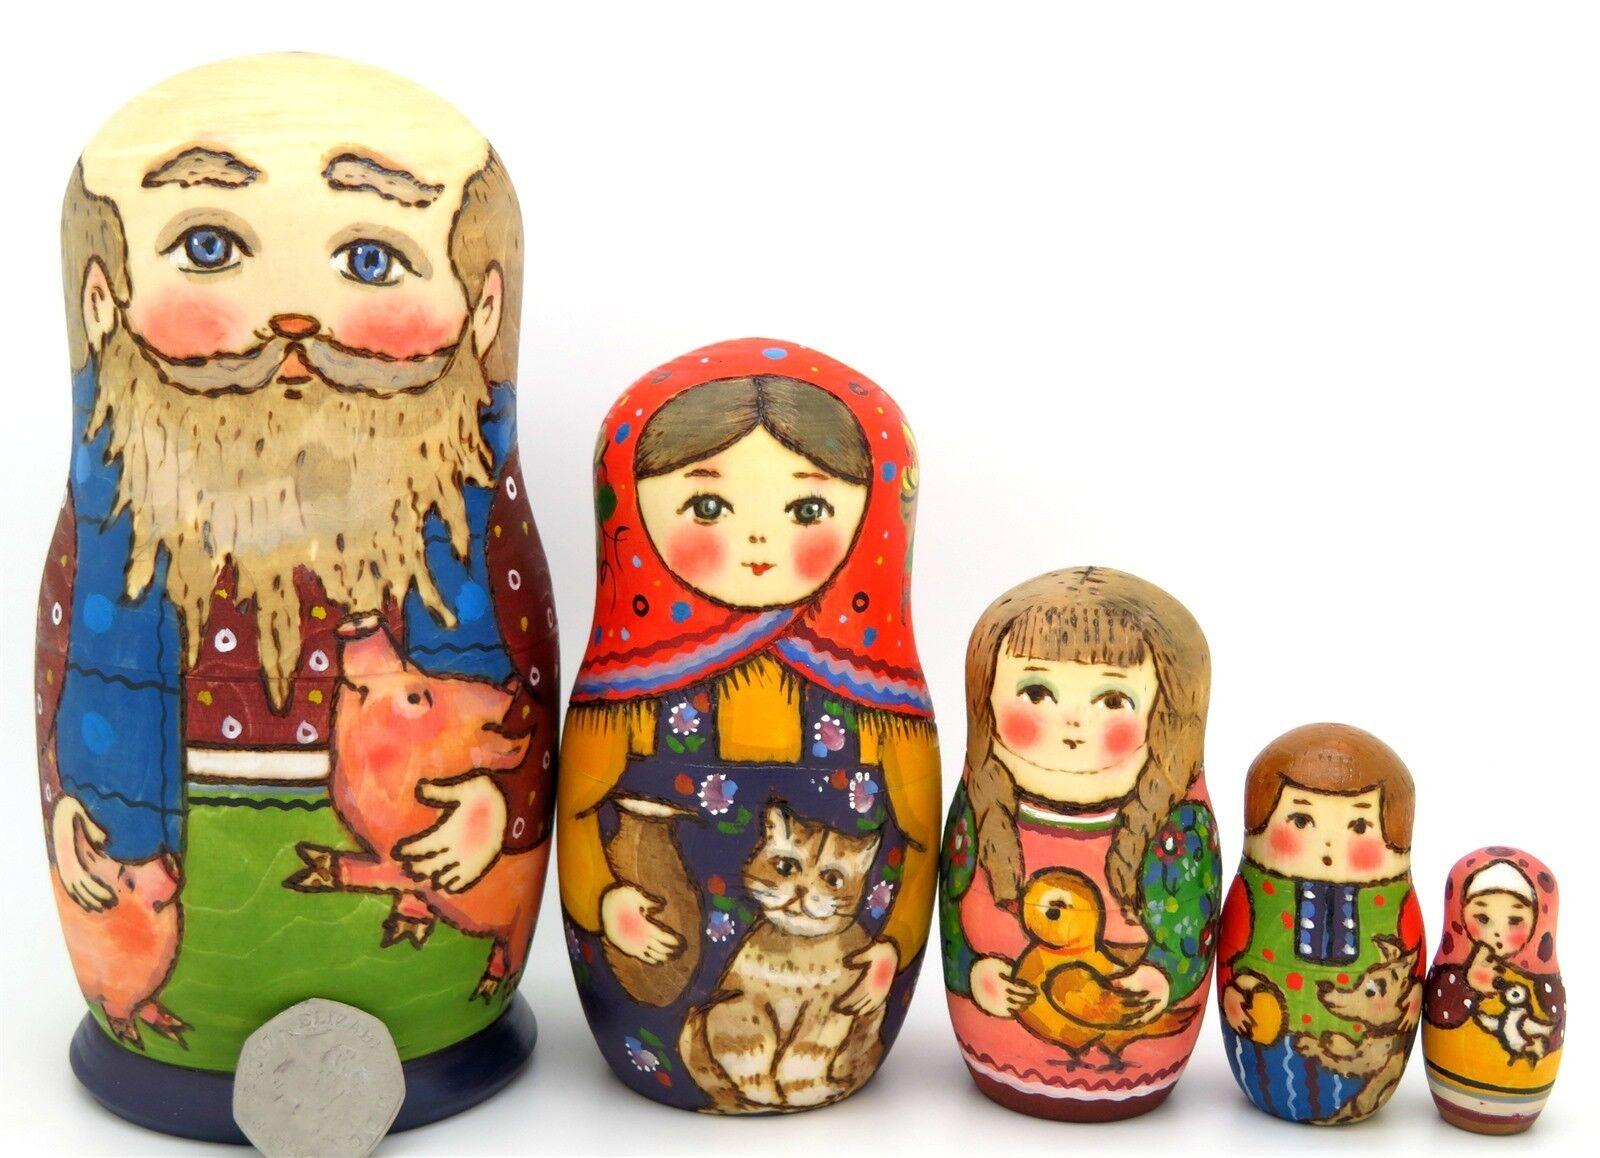 Muñecas Rusas Jerarquización 5 Pintado a Mano Tradicional De Pollo Cerdo martryoshka Ryabova